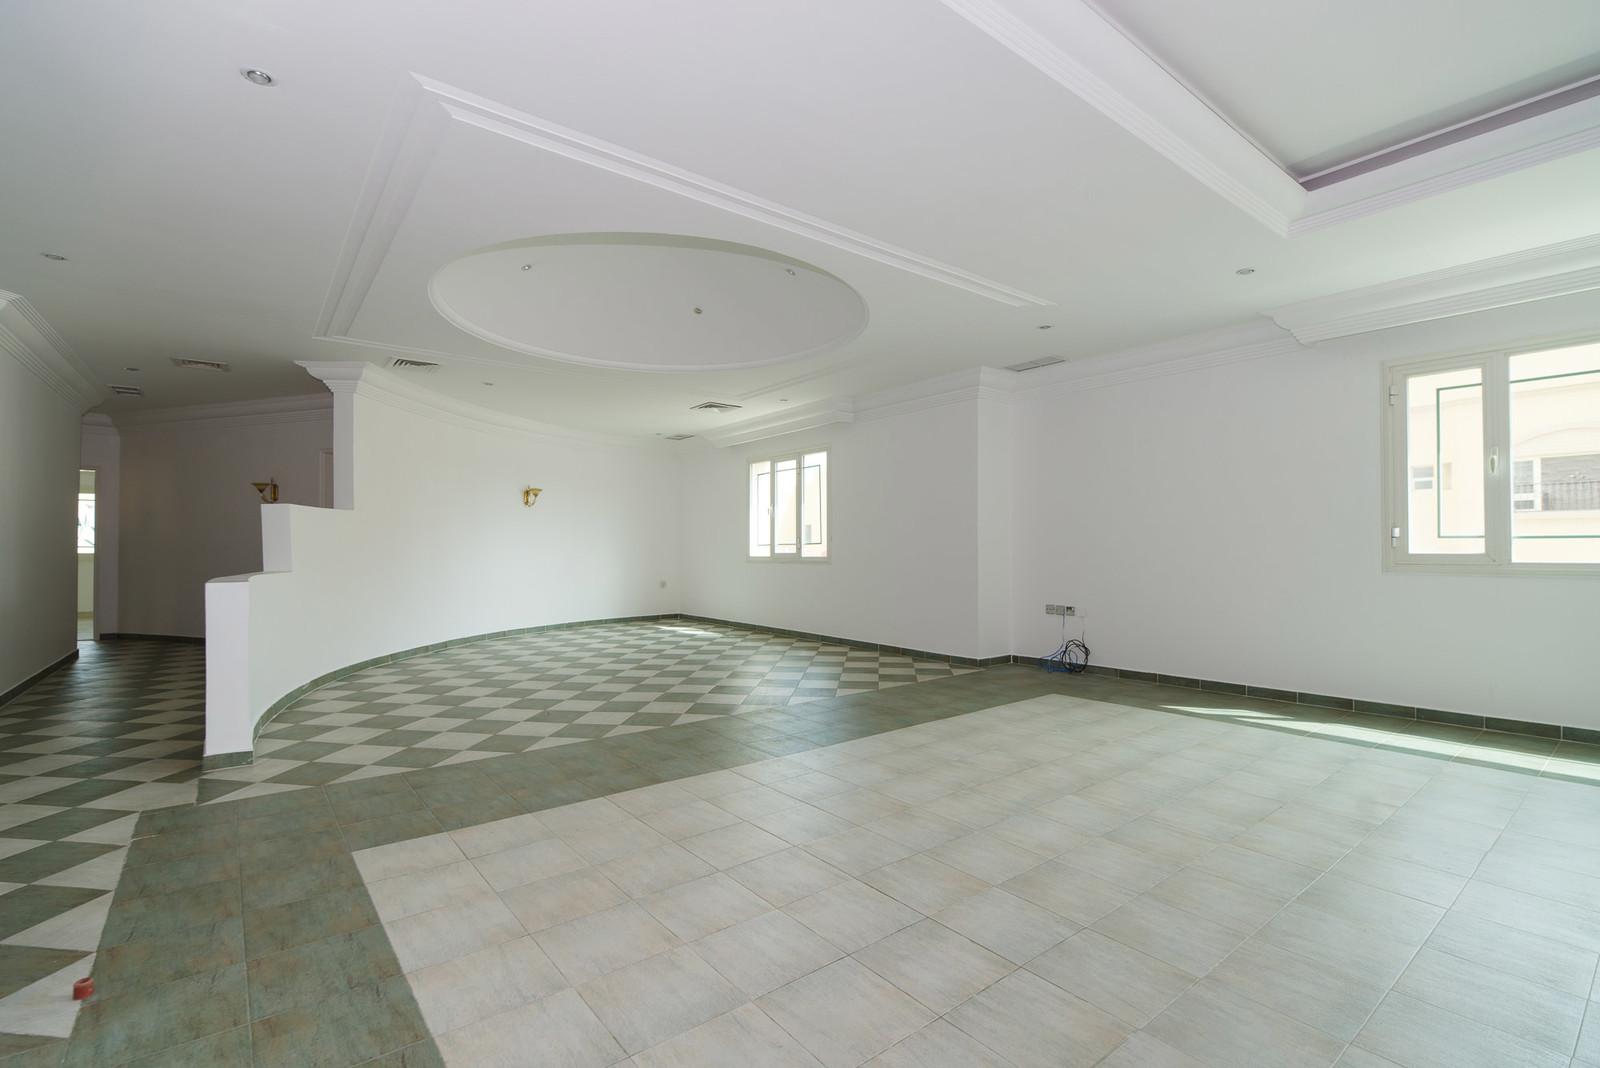 Salwa – large, unfurnished, three bedroom floor